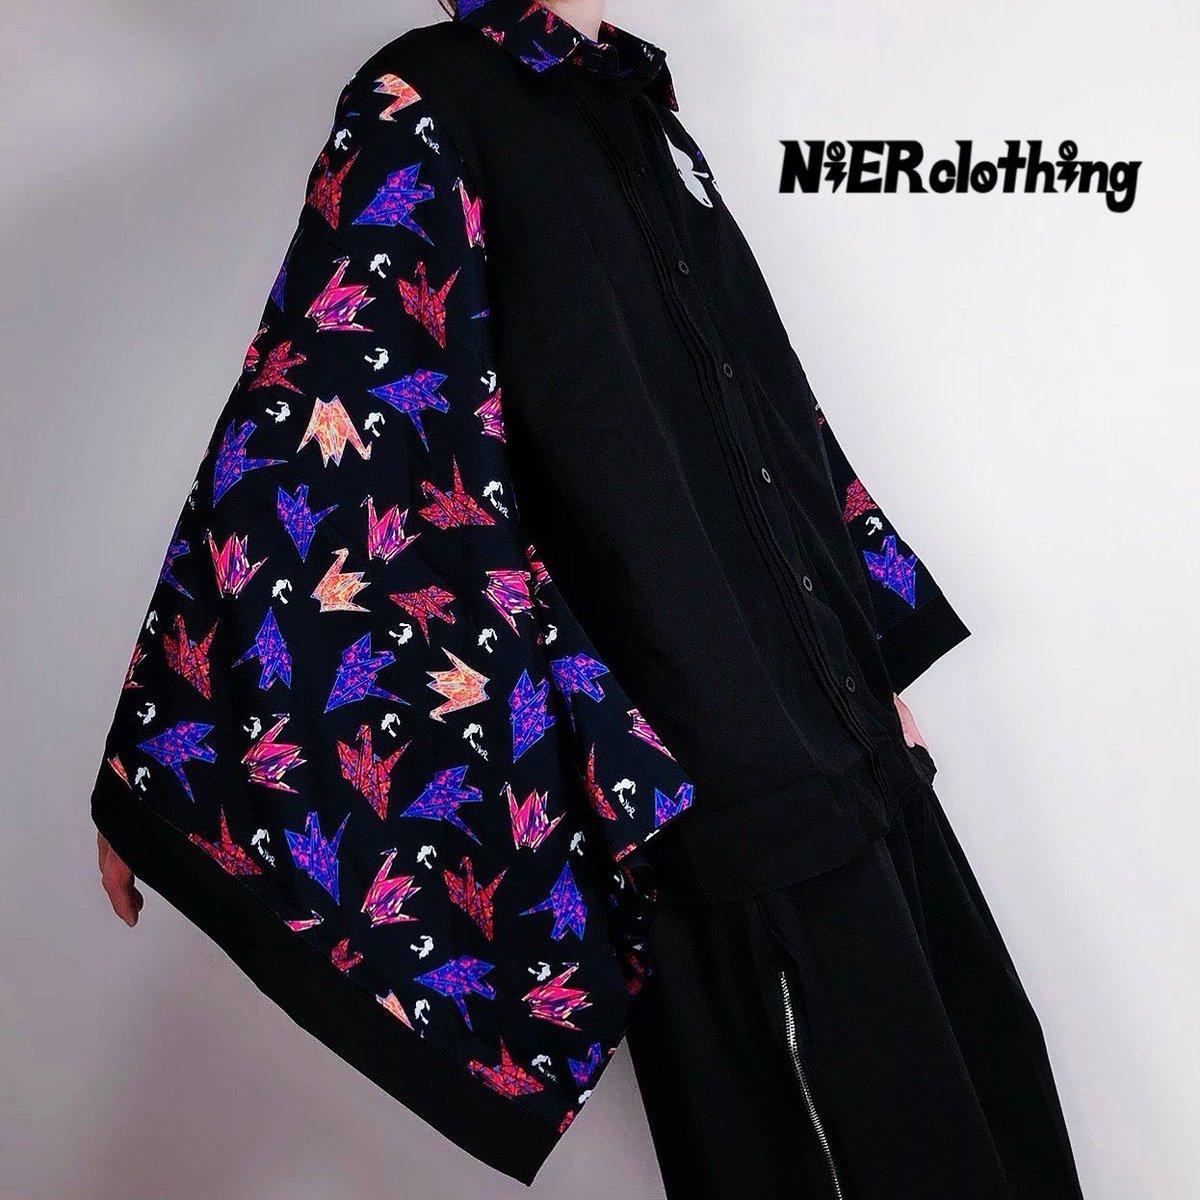 🚫新作案内🚫本日お昼12時より🐰着物風袖ブロッキングシャツ【色鶴】1つ1つ絵柄の配置が異なる一点モノ☆お祭りや花火などのイベント時にも合うアイテムです。ユニセックスアイテムです。是非この機会にゲットしてください🐰詳細はこちらから